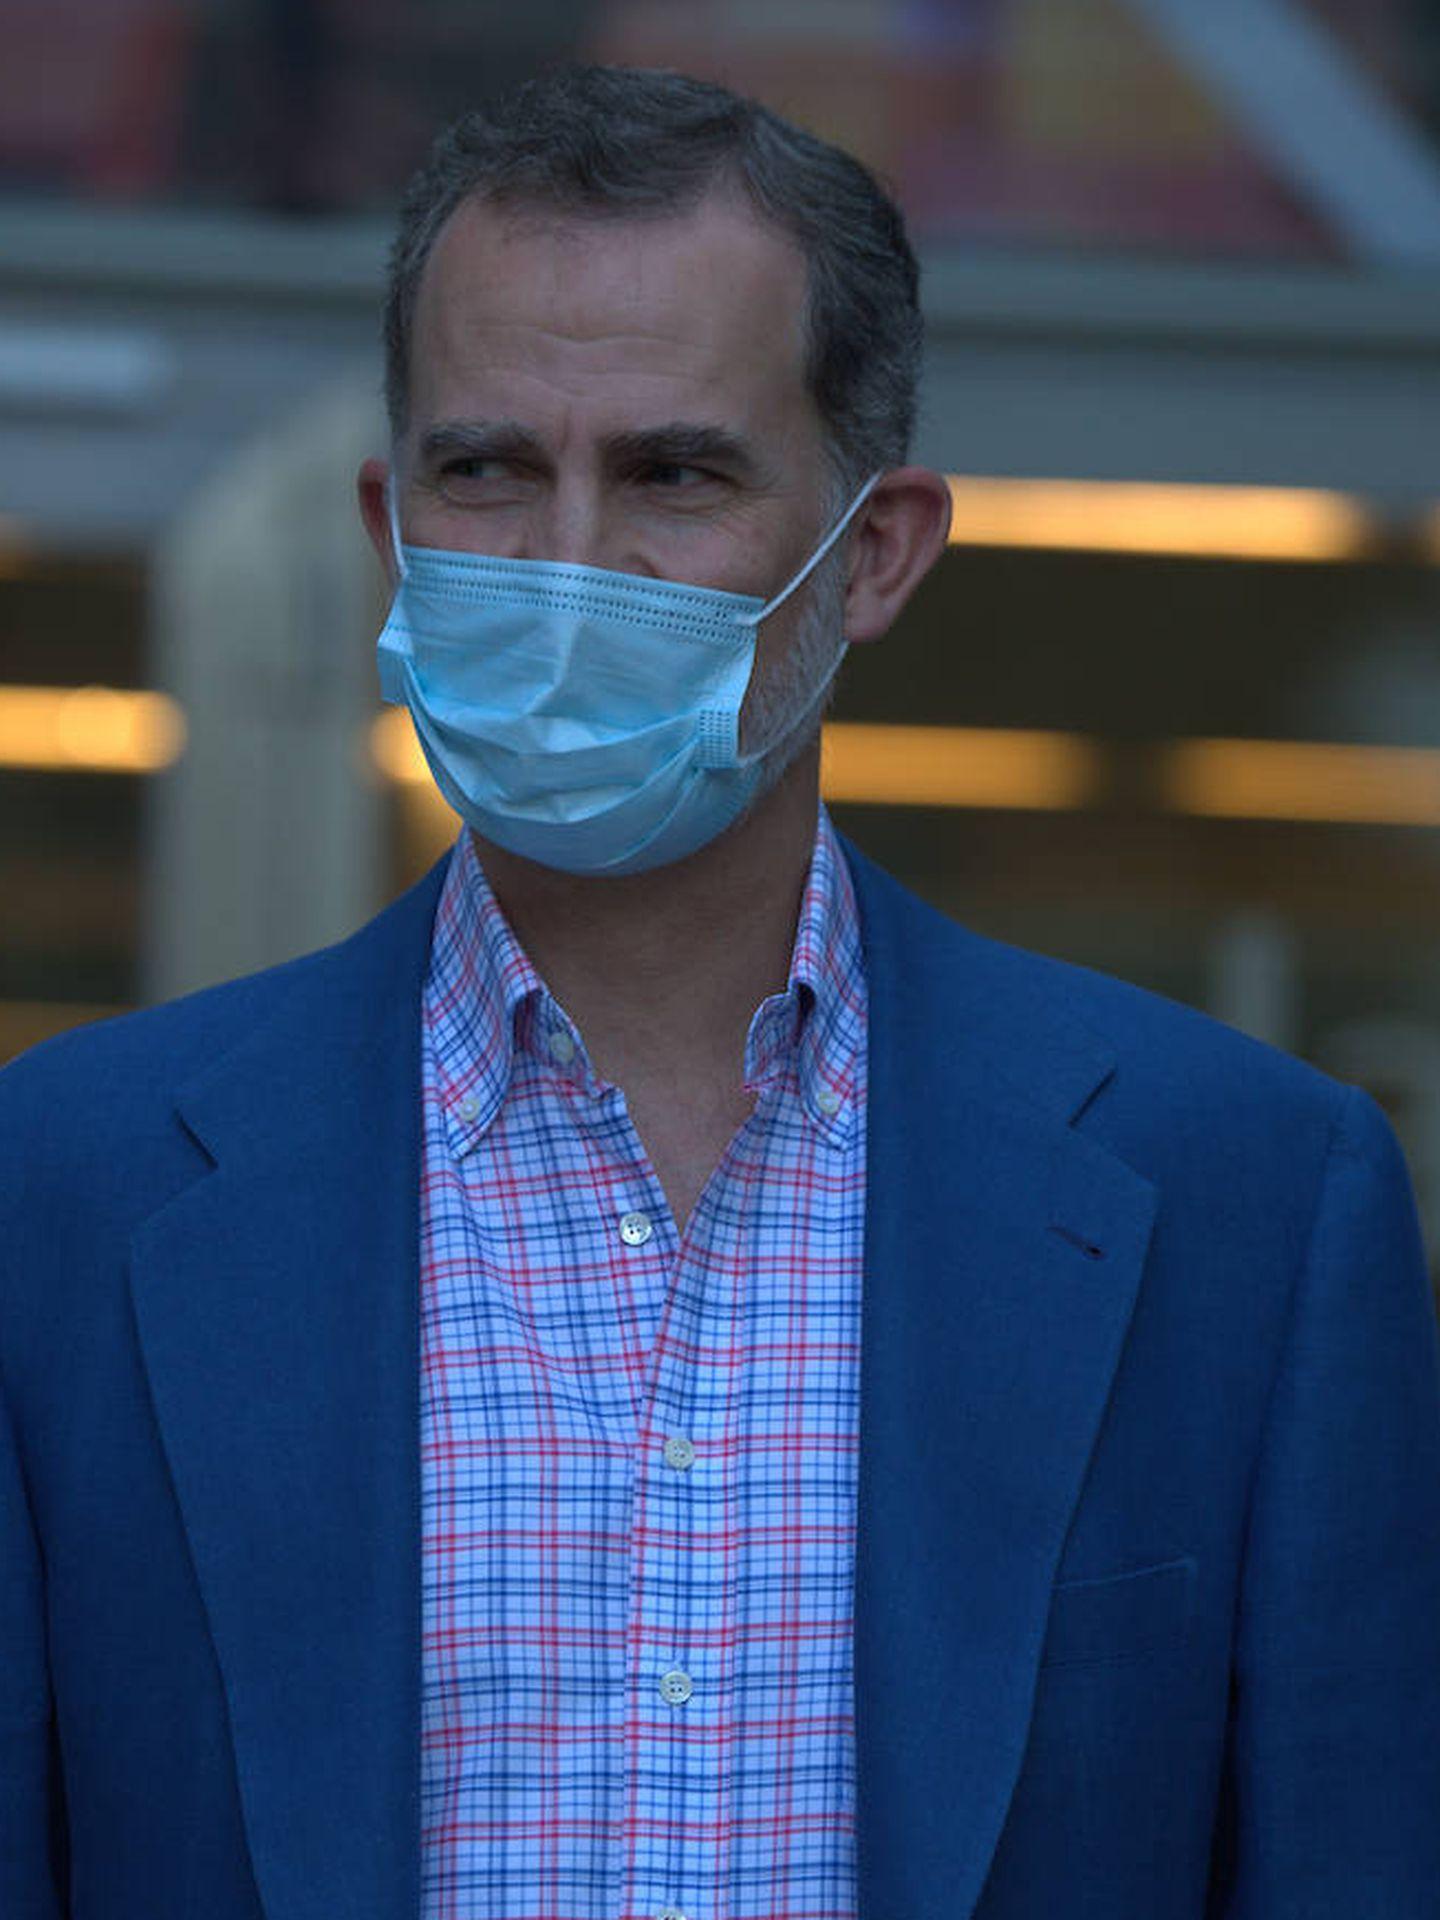 El rey Felipe VI, con chaqueta azul y camisa de cuadros. (Limited Pictures)